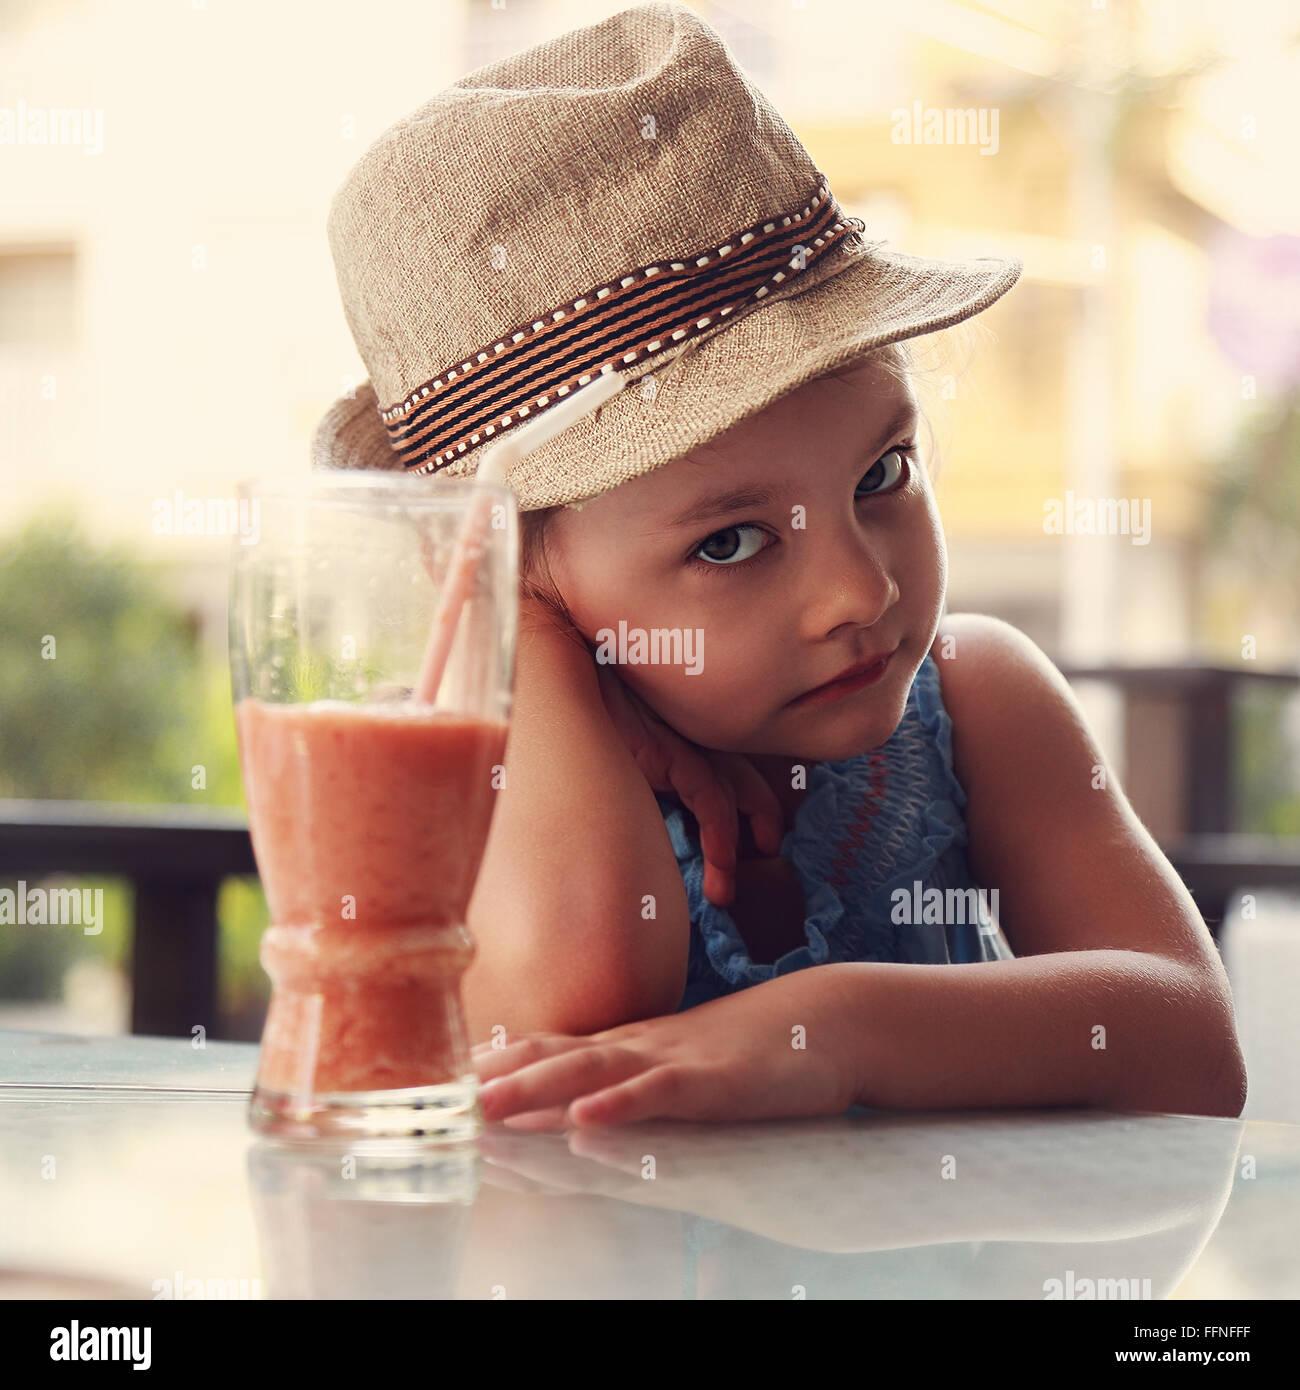 Seul malheureux kid girl sitting in restaurant et ne veut pas boire de jus sains sur fond d'été Photo Stock